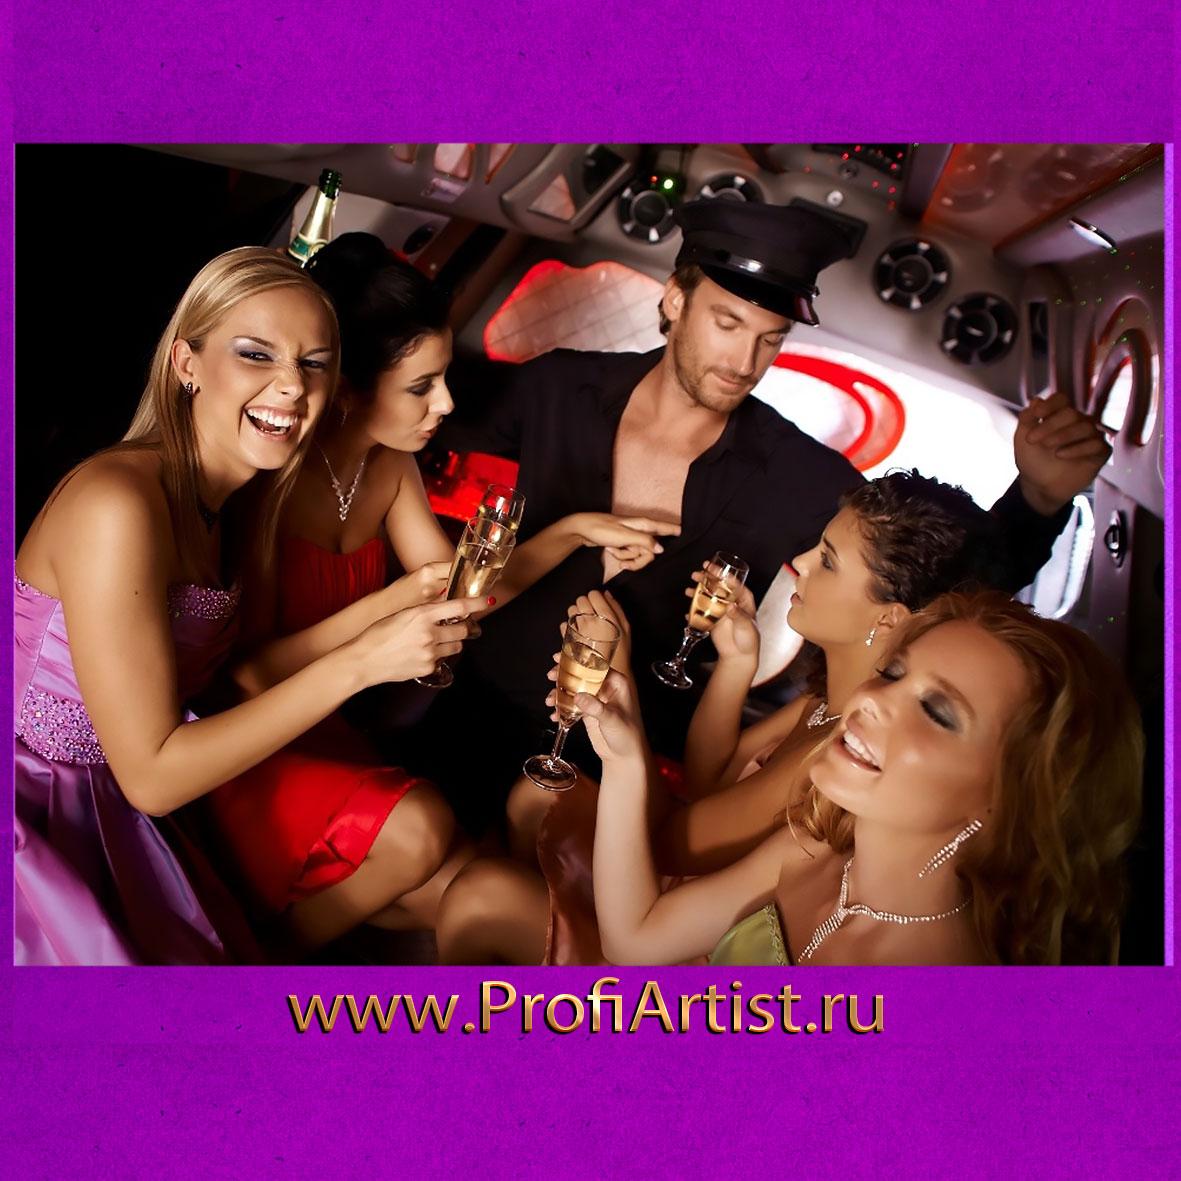 Мужской стриптиз на девичник в клубе секс в клубе голодная утка в москве